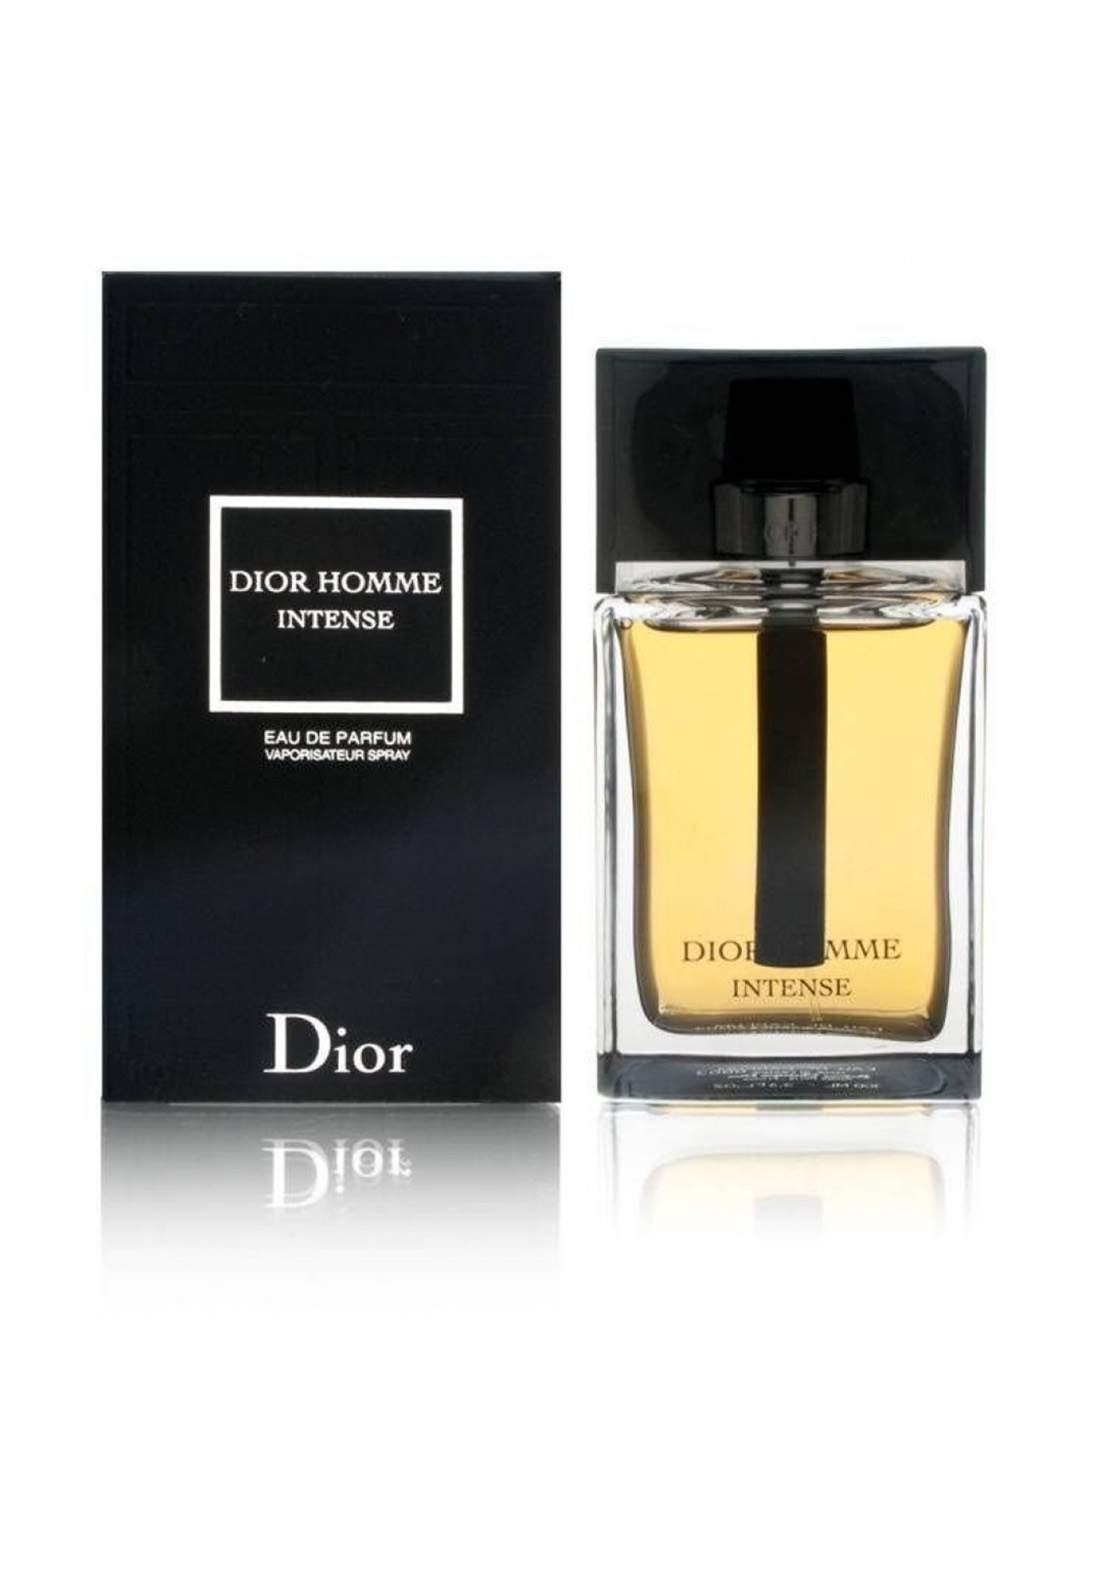 Christian Dior Homme Intense Eau de Parfum 100ml عطر رجالي